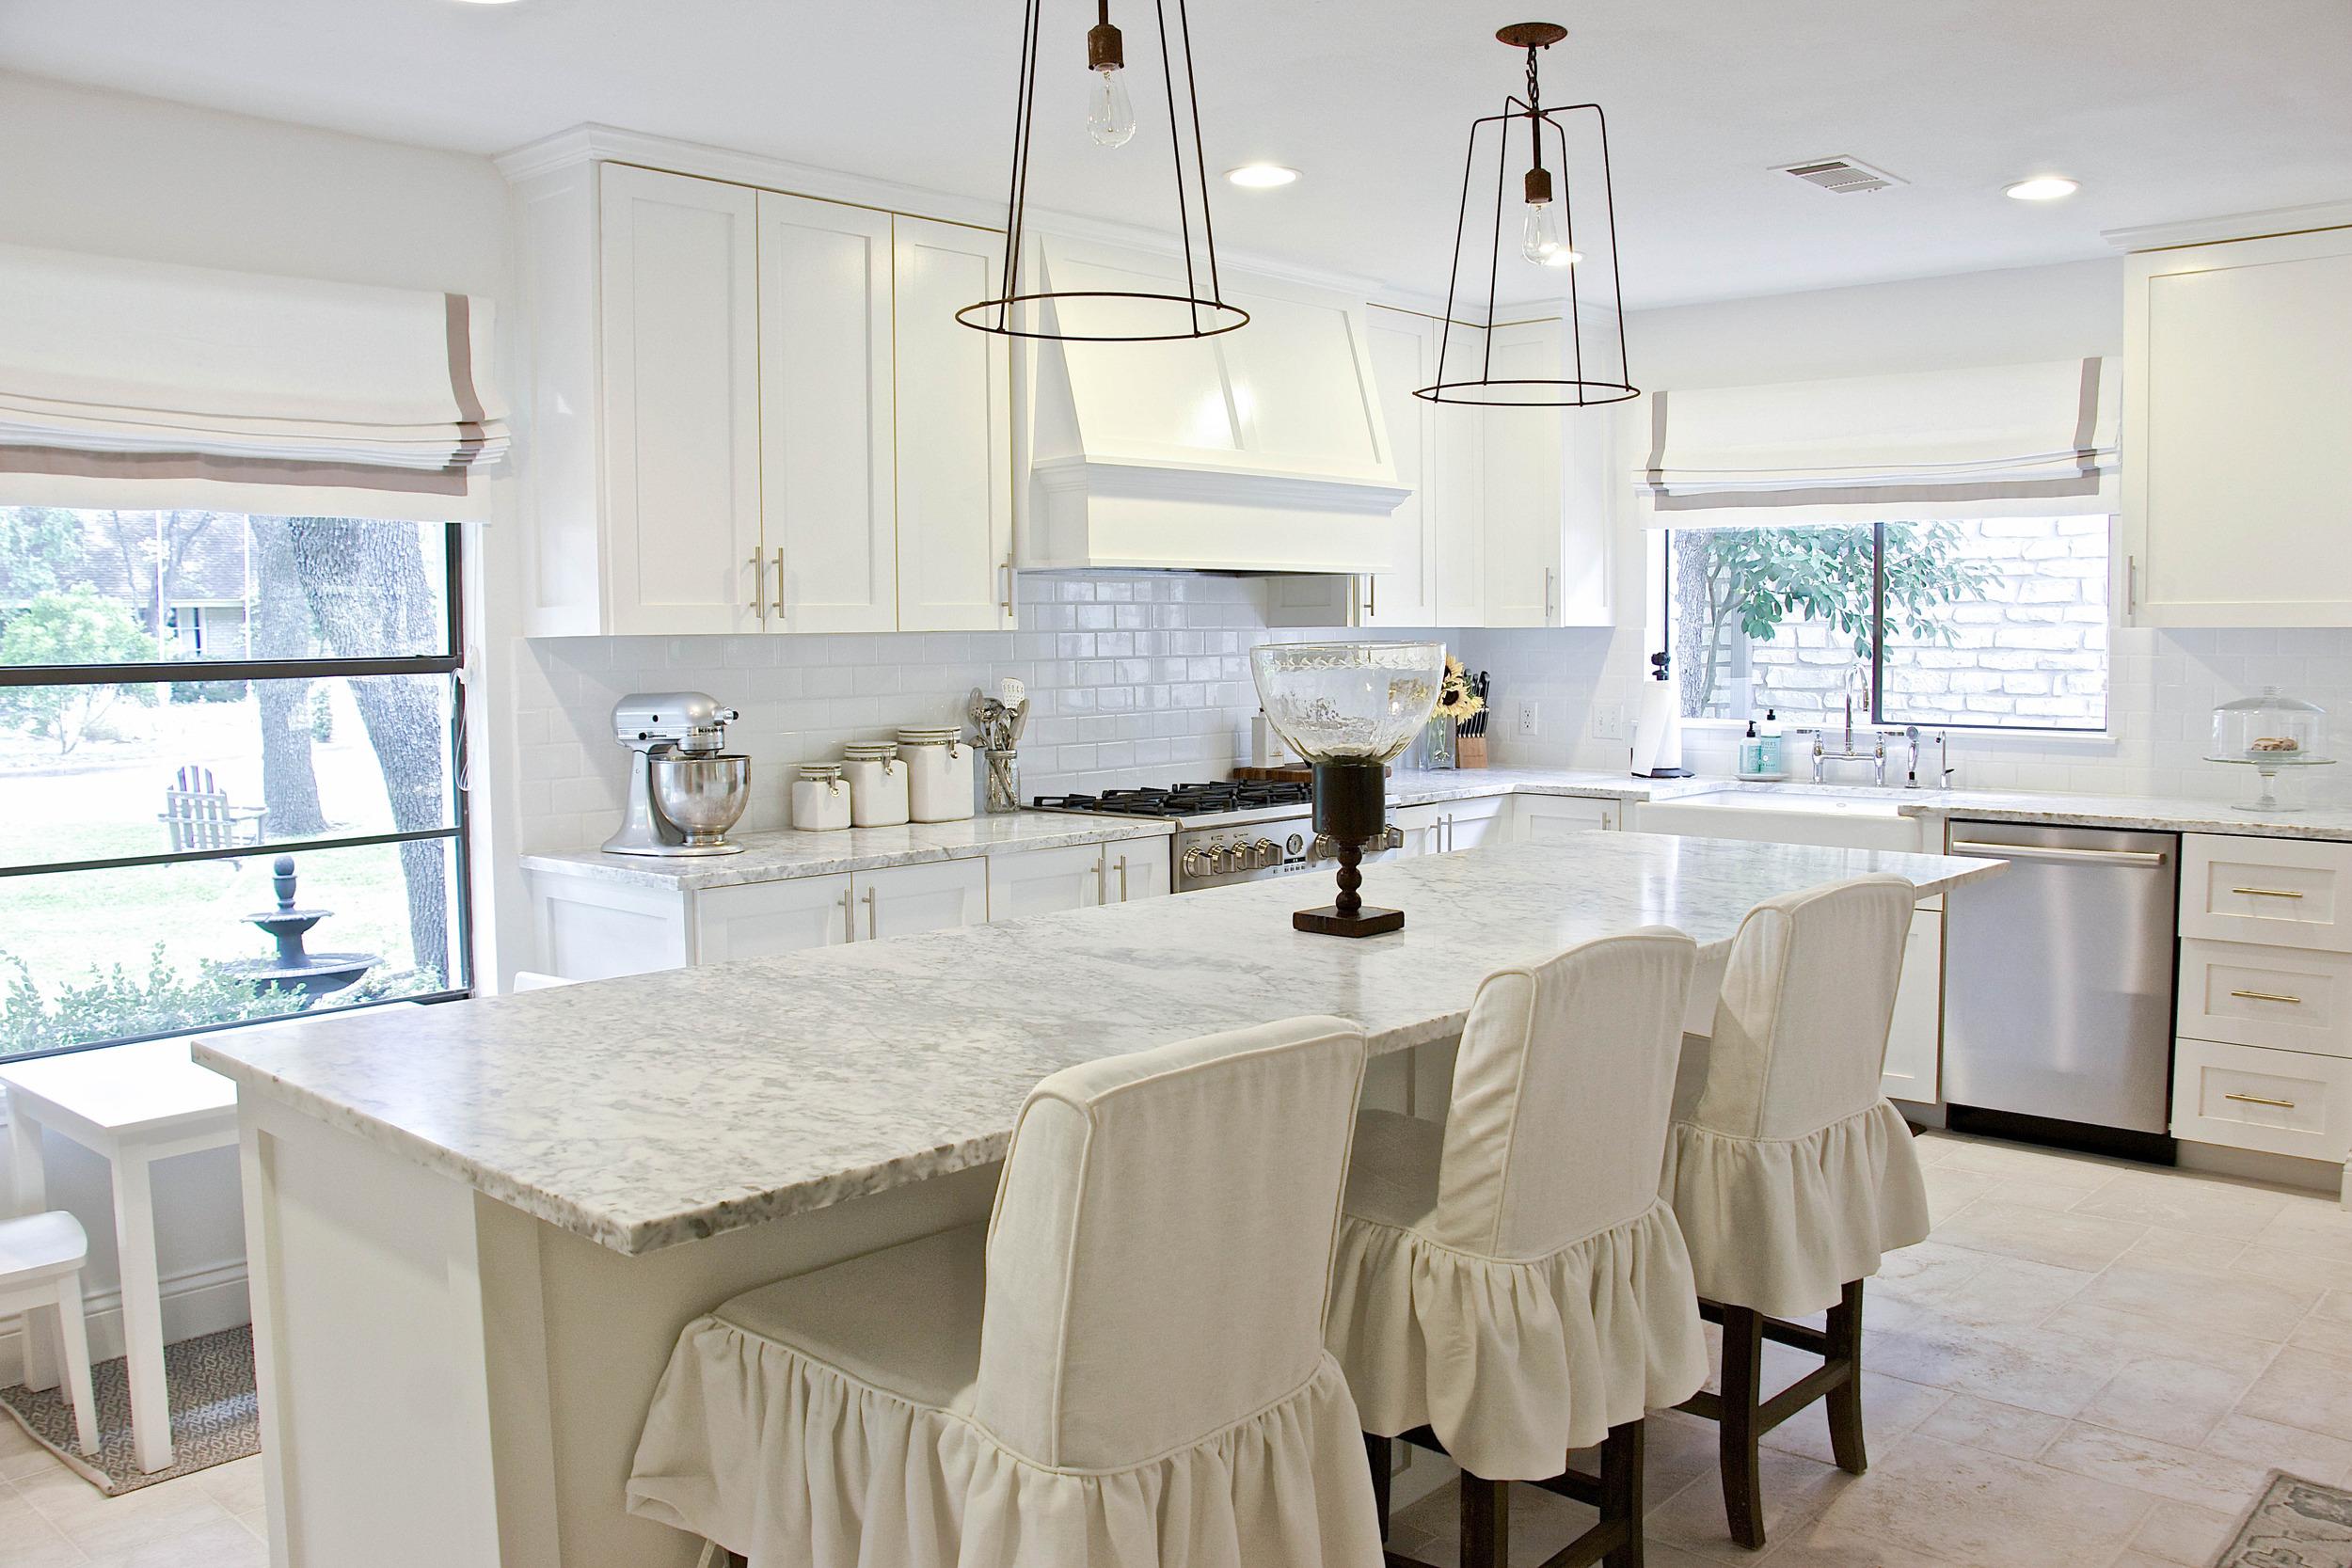 Honed Carrara Marble